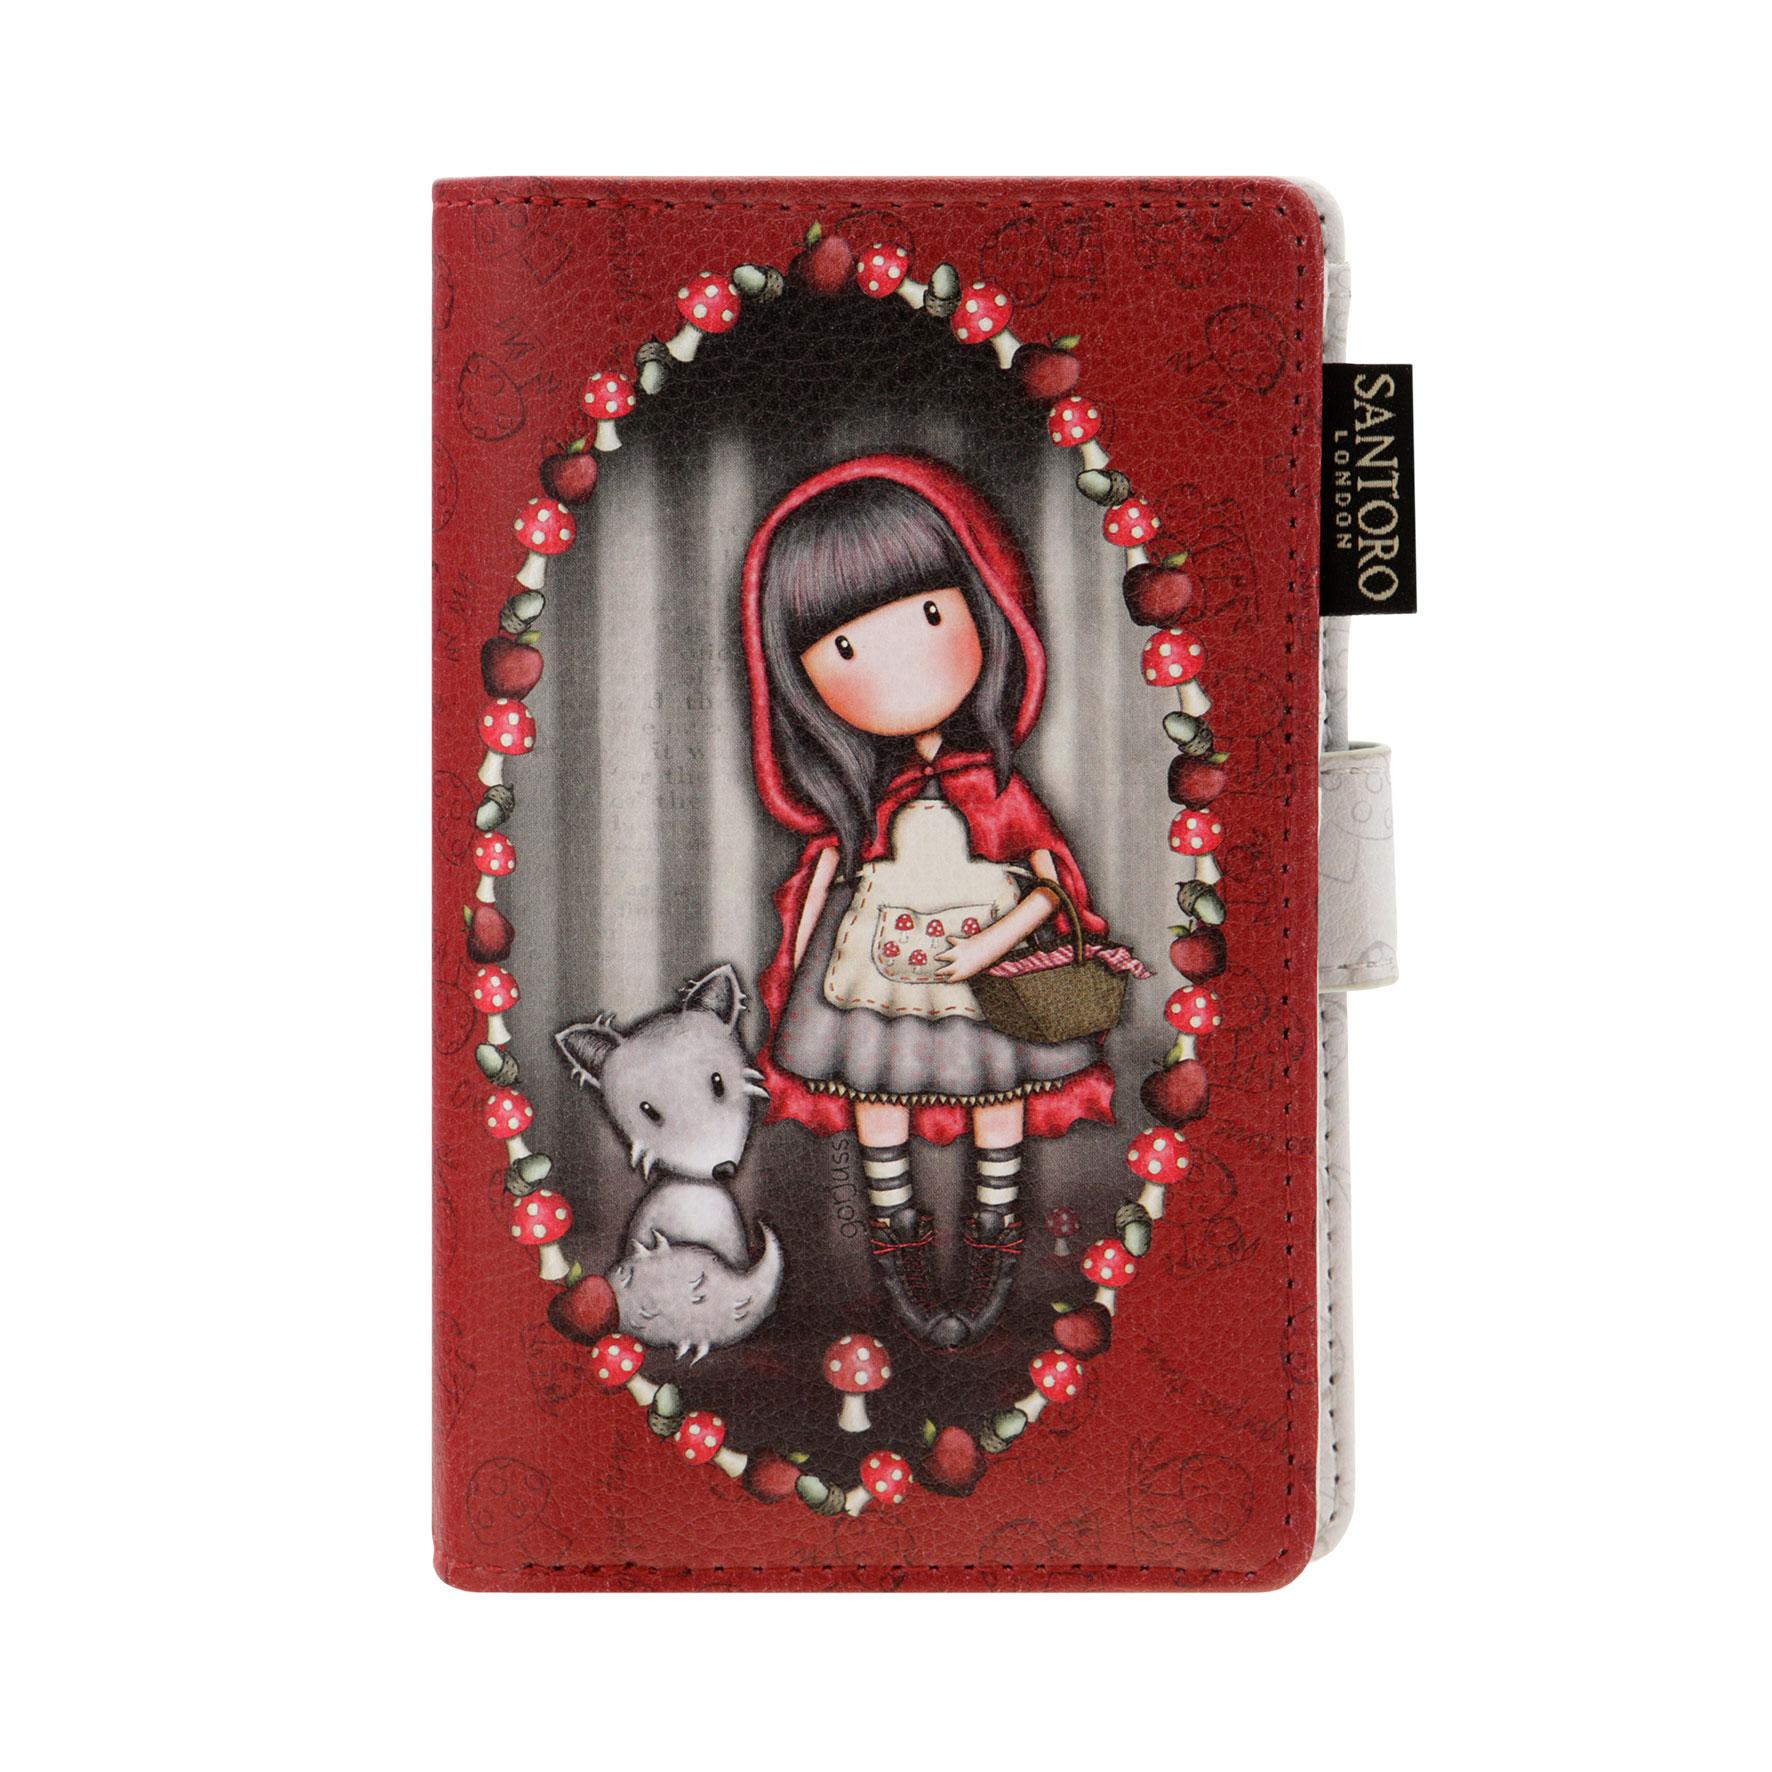 Menší peněženka Little Red Riding Hood od firmy SANTORO Gorjuss